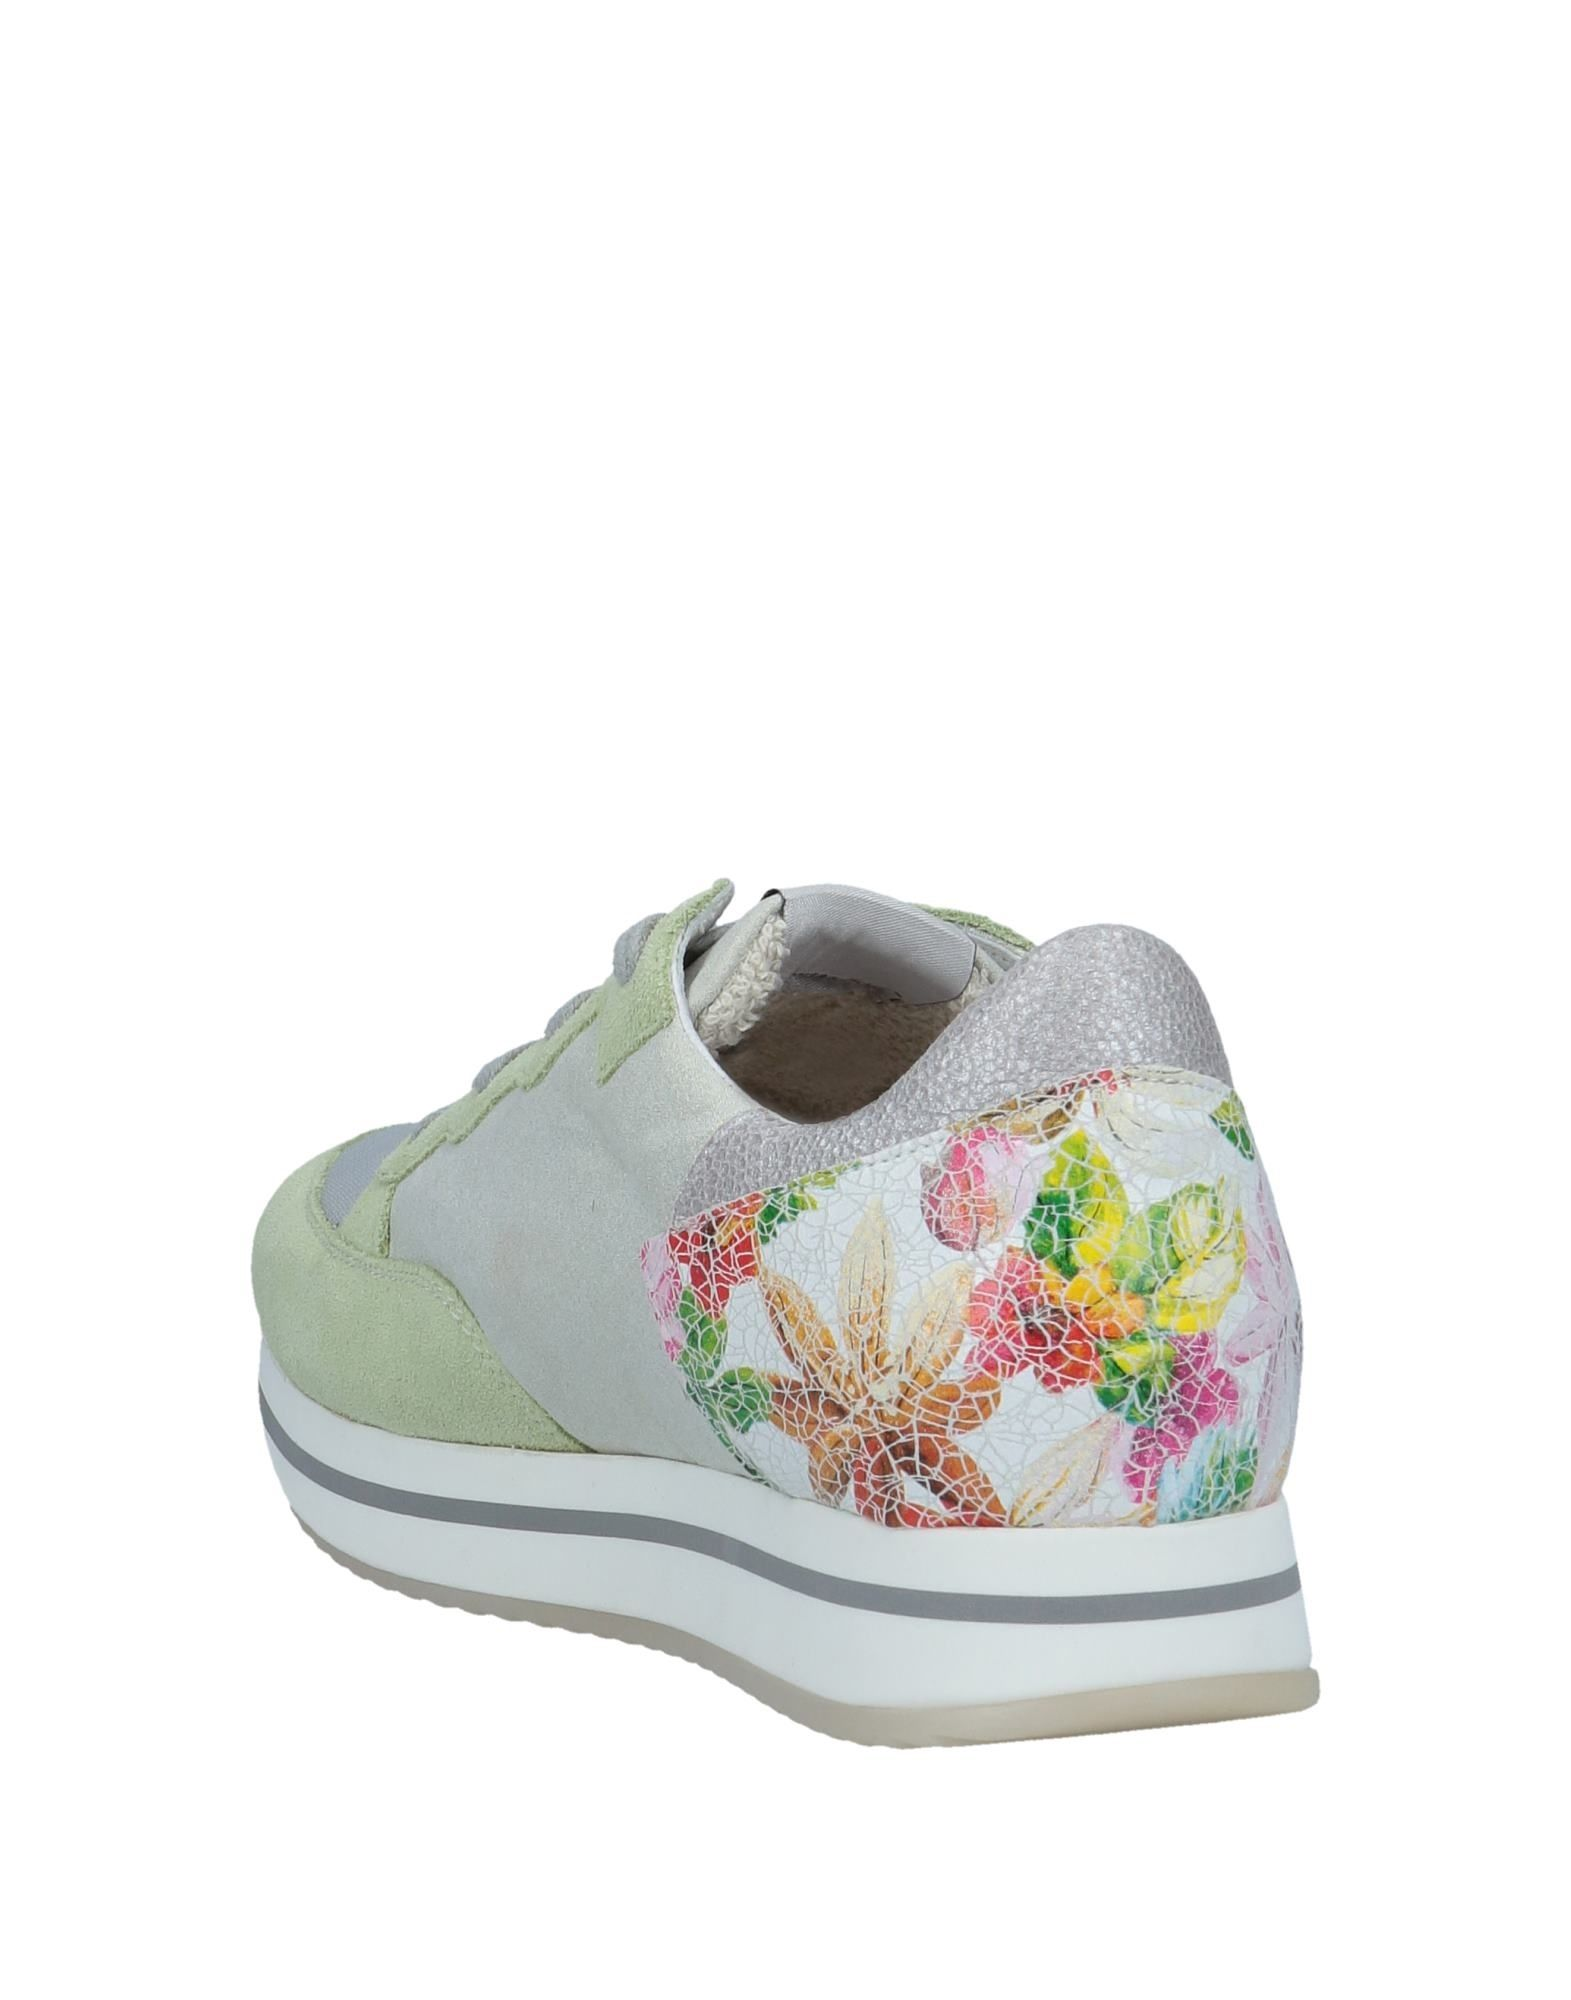 Gut um Sneakers billige Schuhe zu tragenQuattrobarradodici Sneakers um Damen  11546524CL 4b58c6